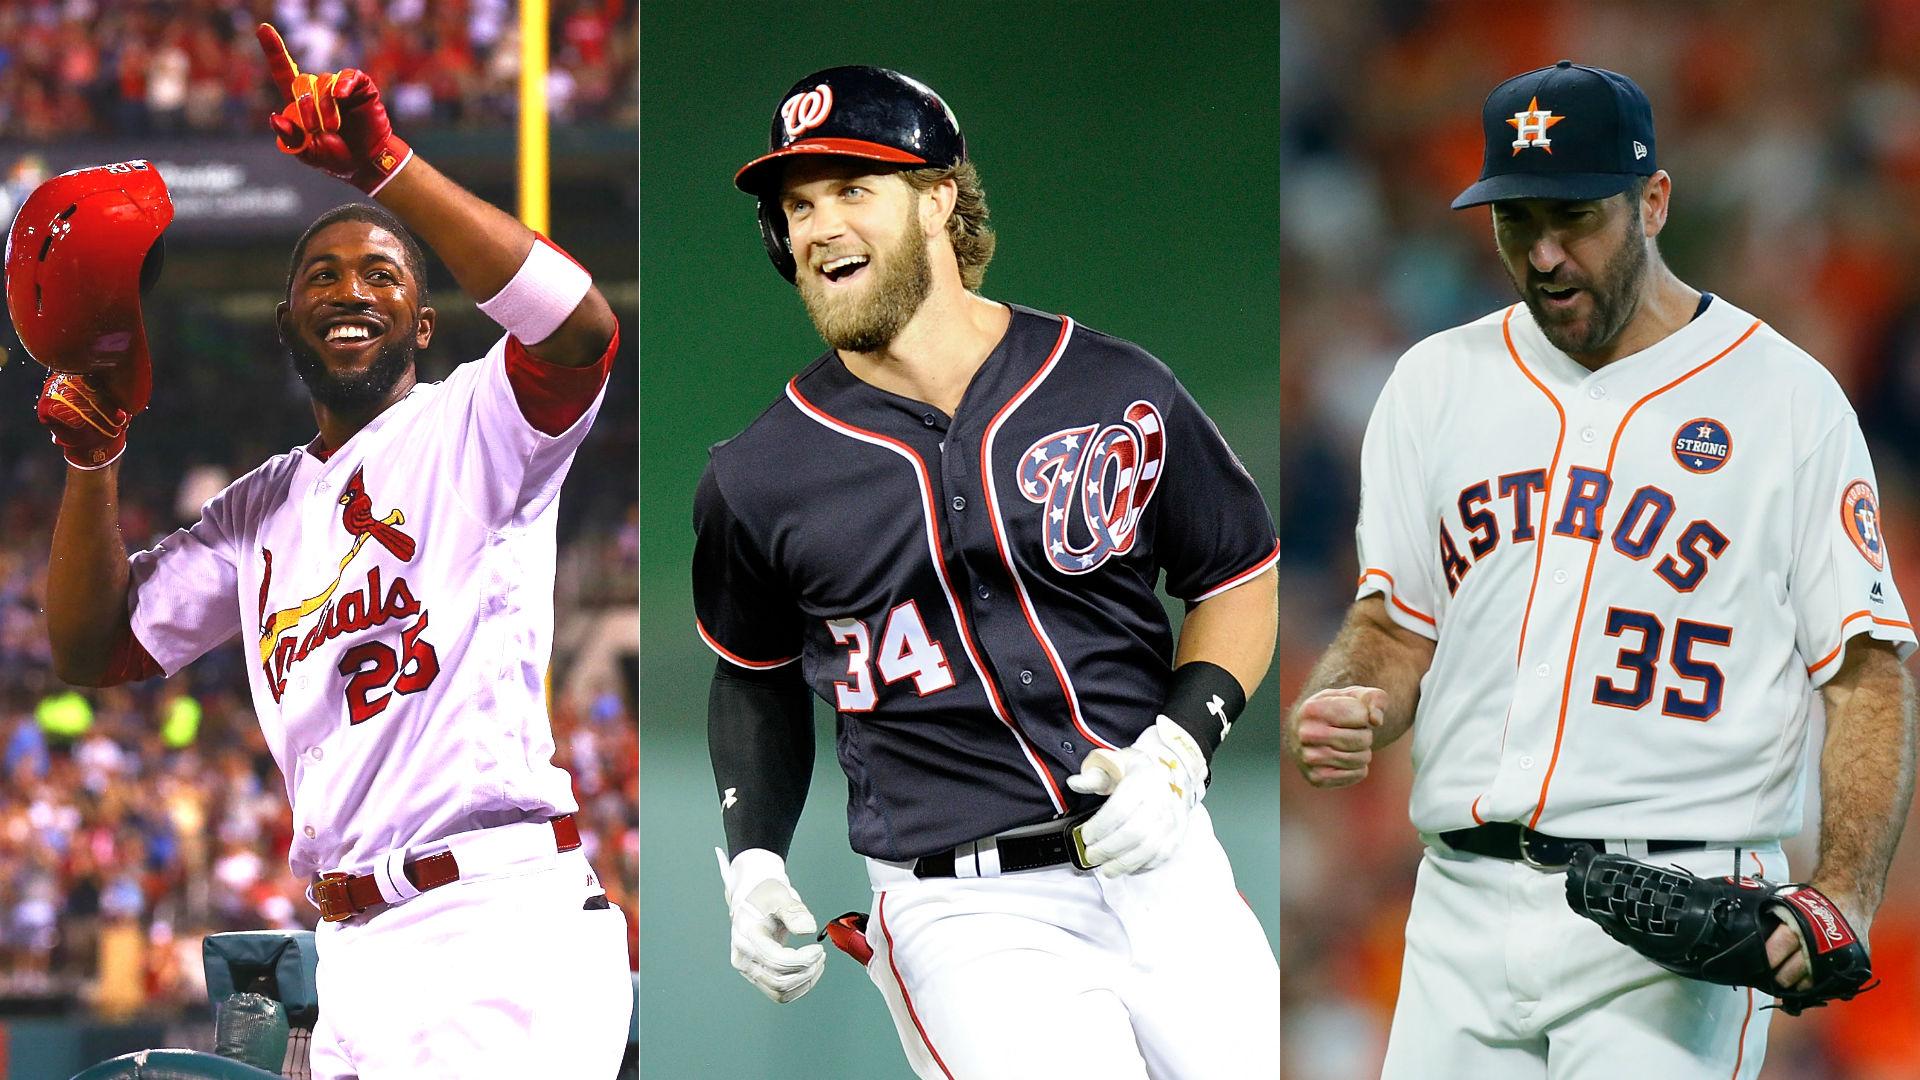 30 most intimidating baseball players